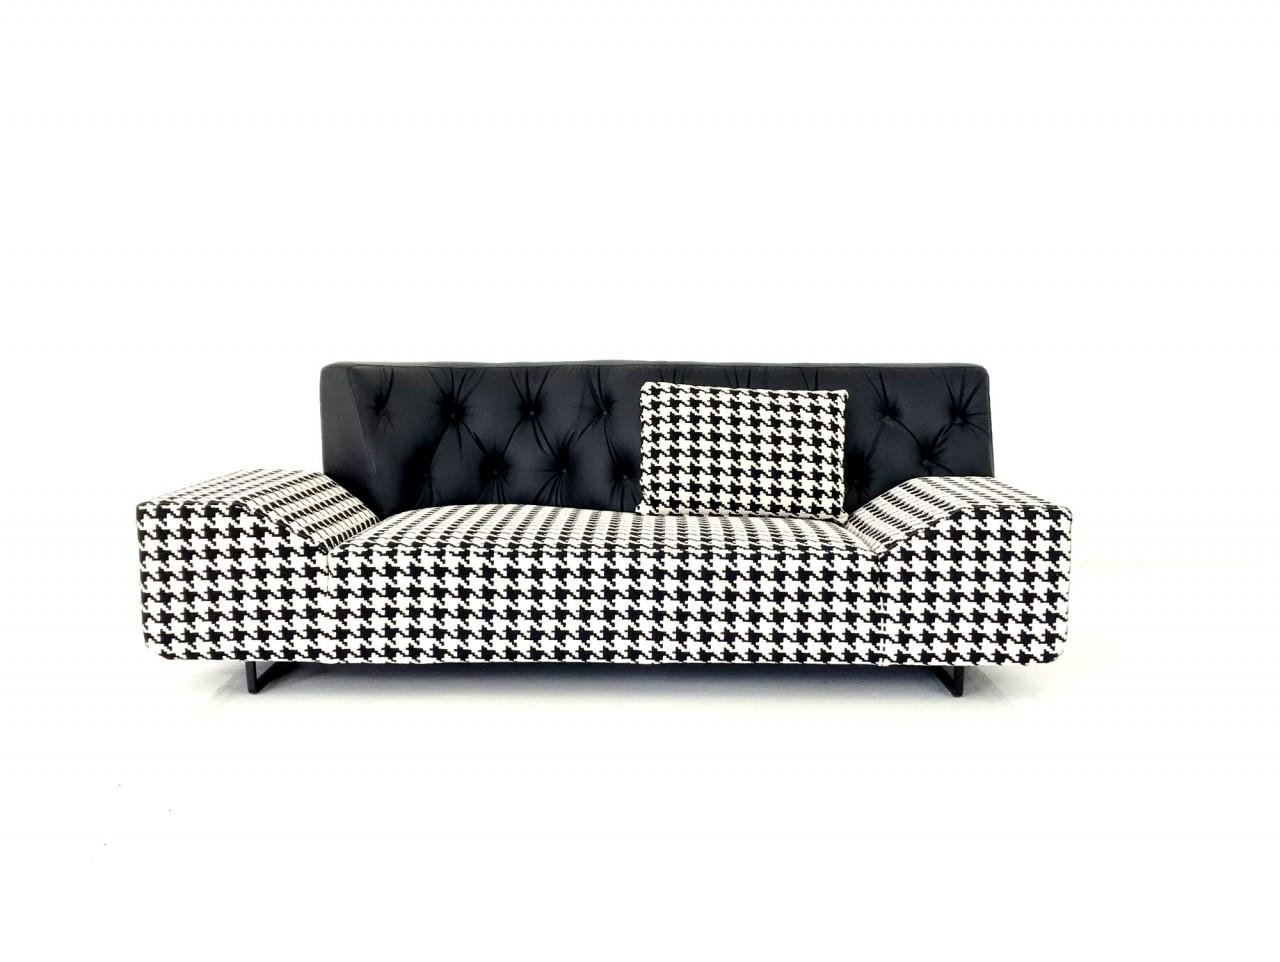 Brühl BLANCHE Sofa asymetisch in schwarz/weißer Stoff ...